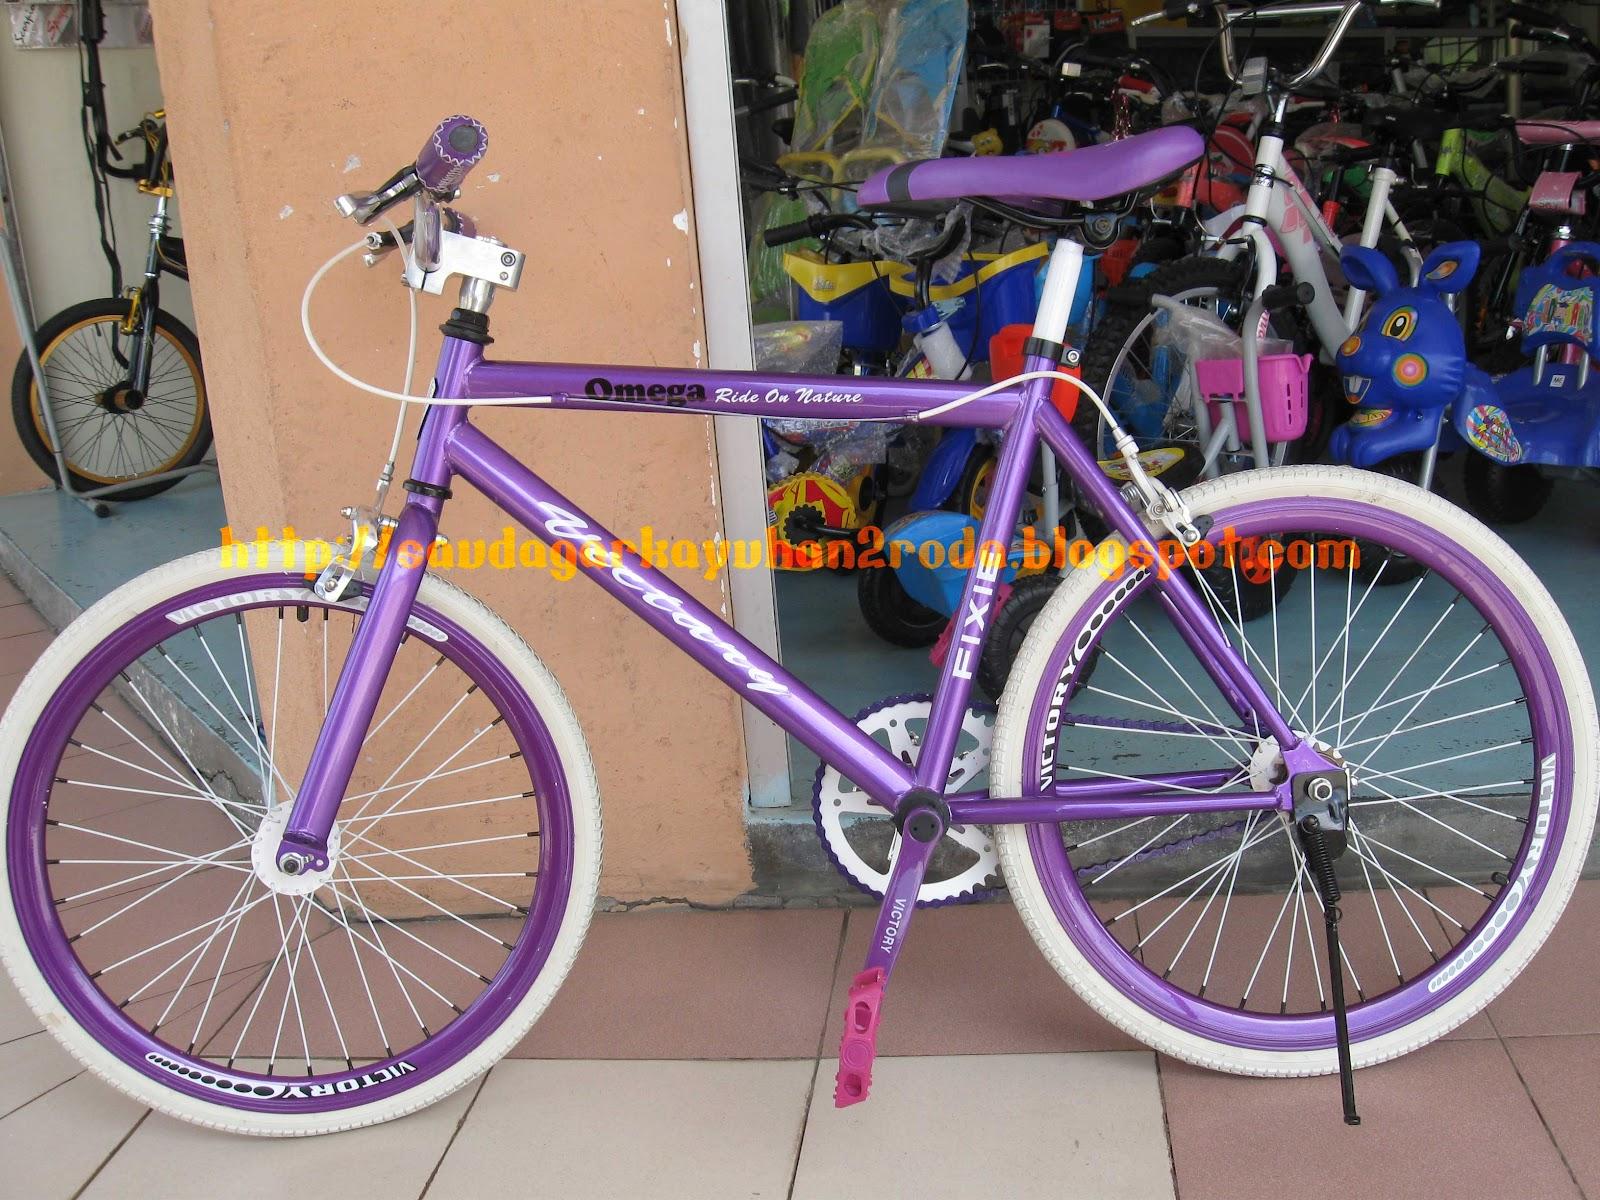 Kedai Basikal Saudagar Kayuhan 2 Roda Malaysia Bicycle